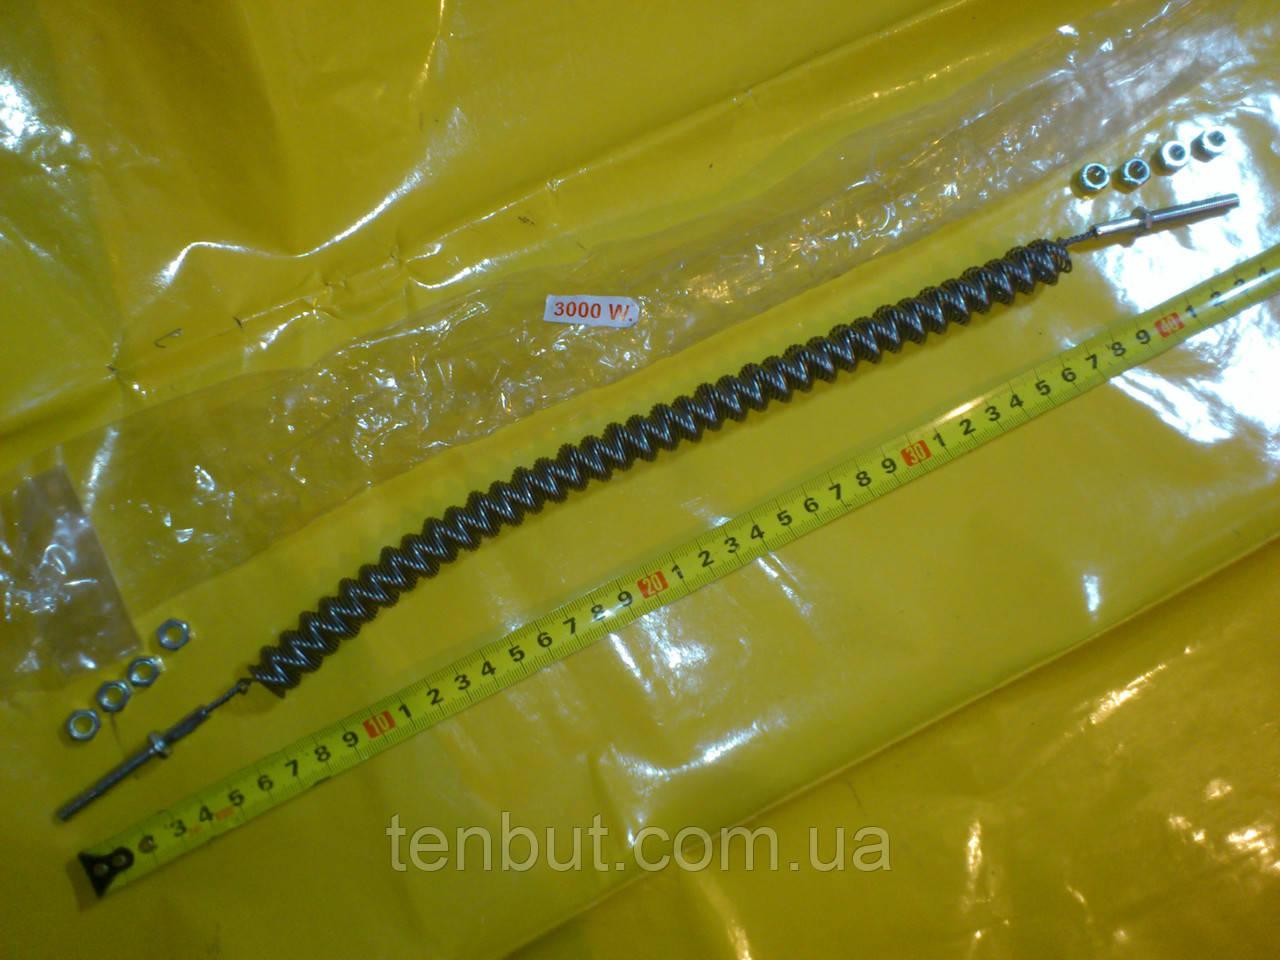 Спираль для обогревателя типа UFO 3.0 кВт. / 220 В. / длина - 300 мм. /диаметр - 19 мм. Турция